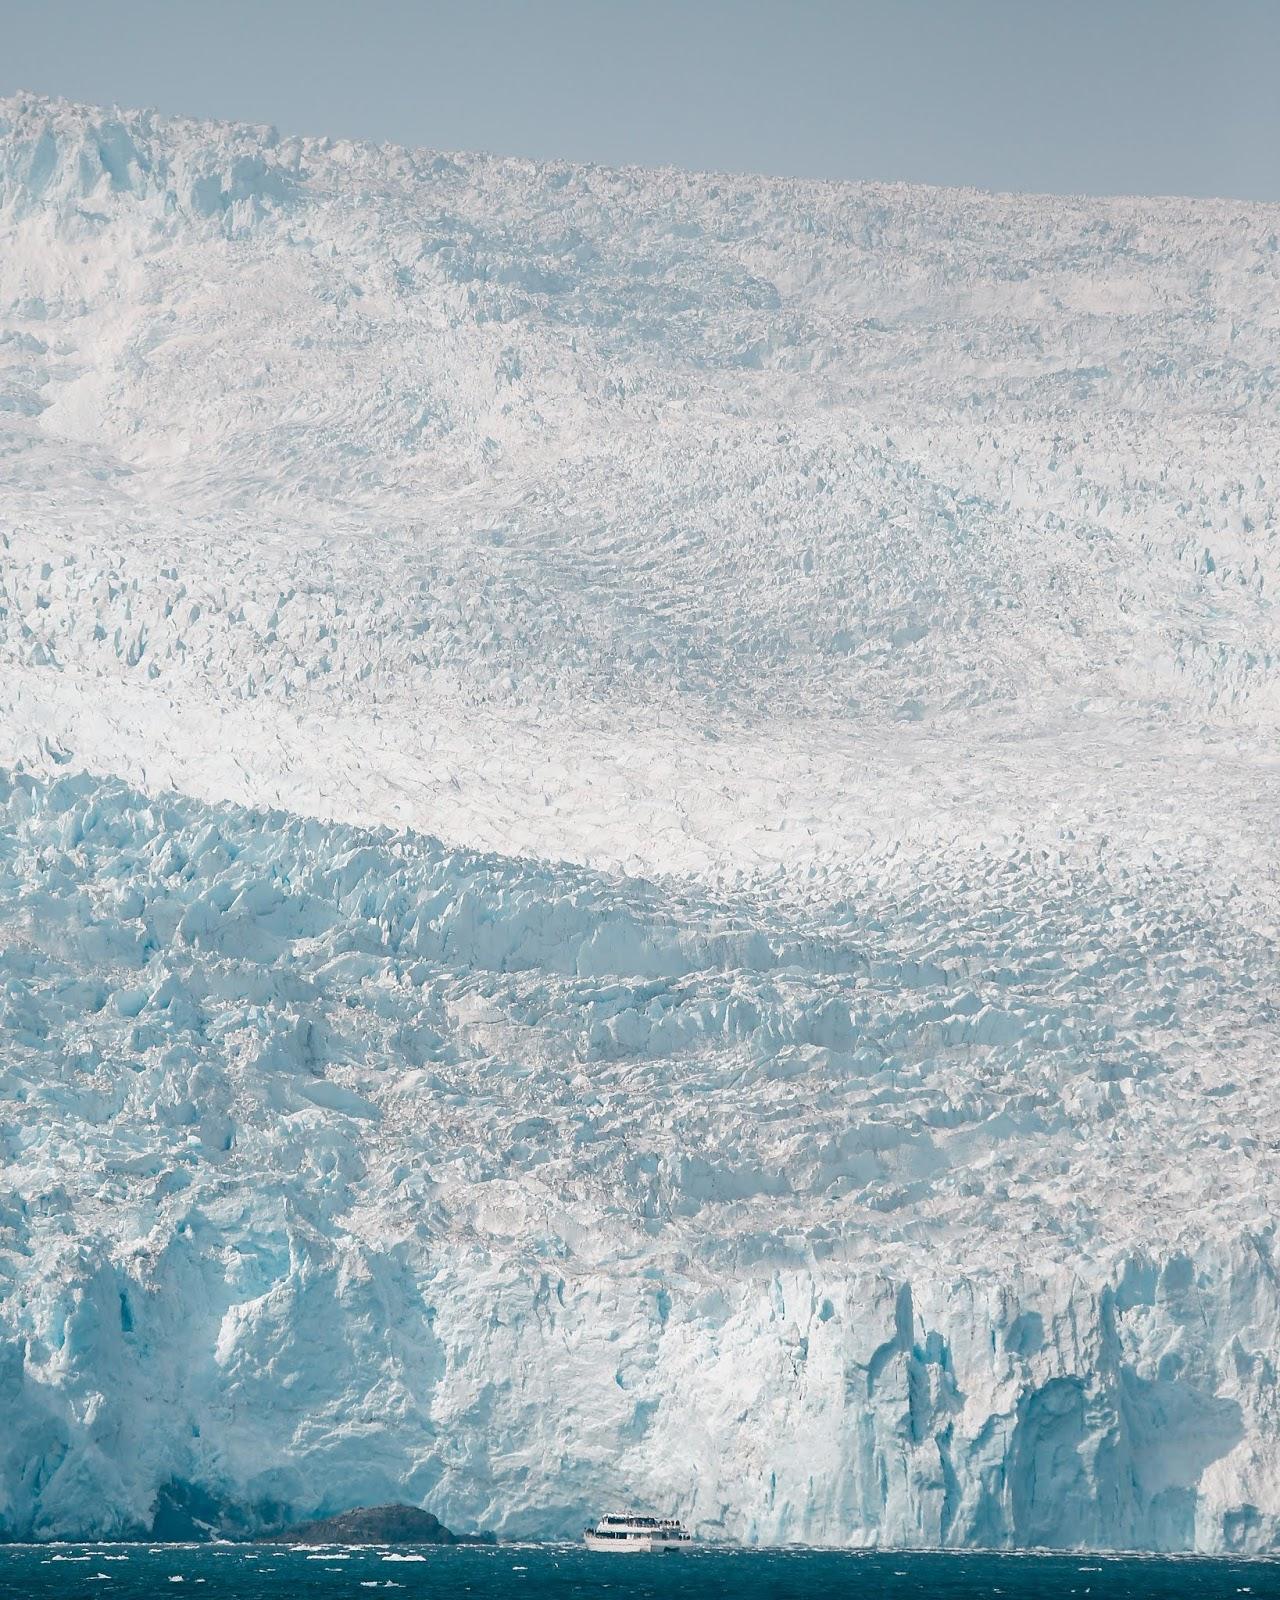 Major Marine Kenai Fjord Tour Glacier | Leo CHan